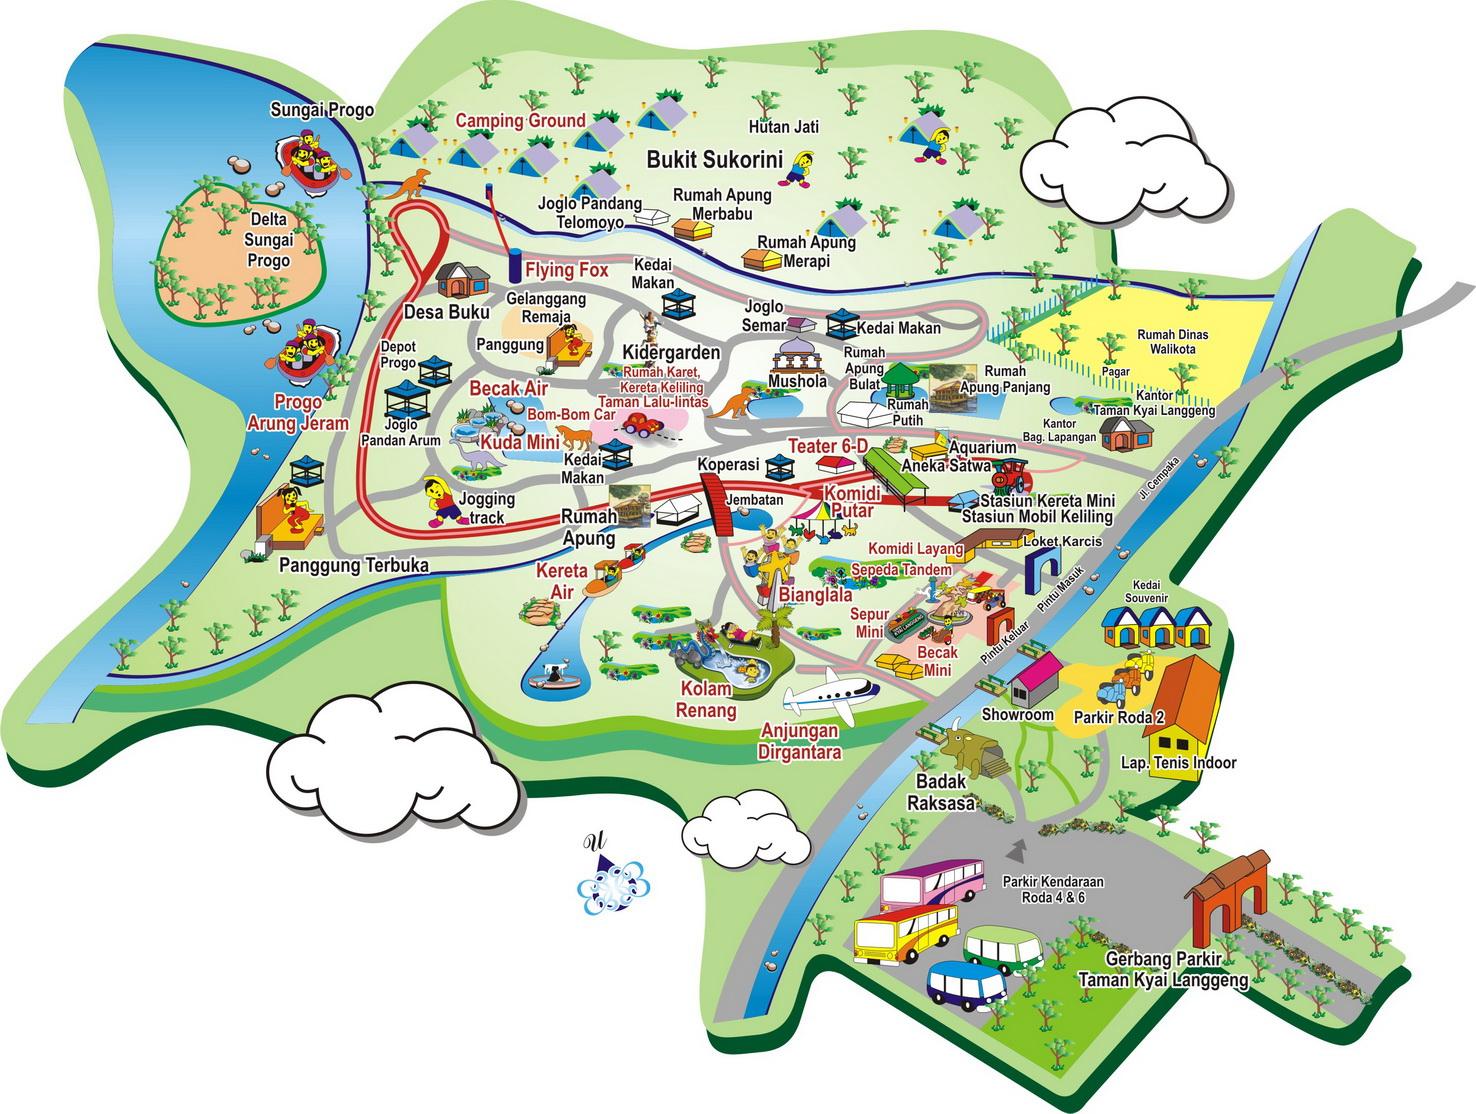 Peta Area Taman Kyai Langgeng